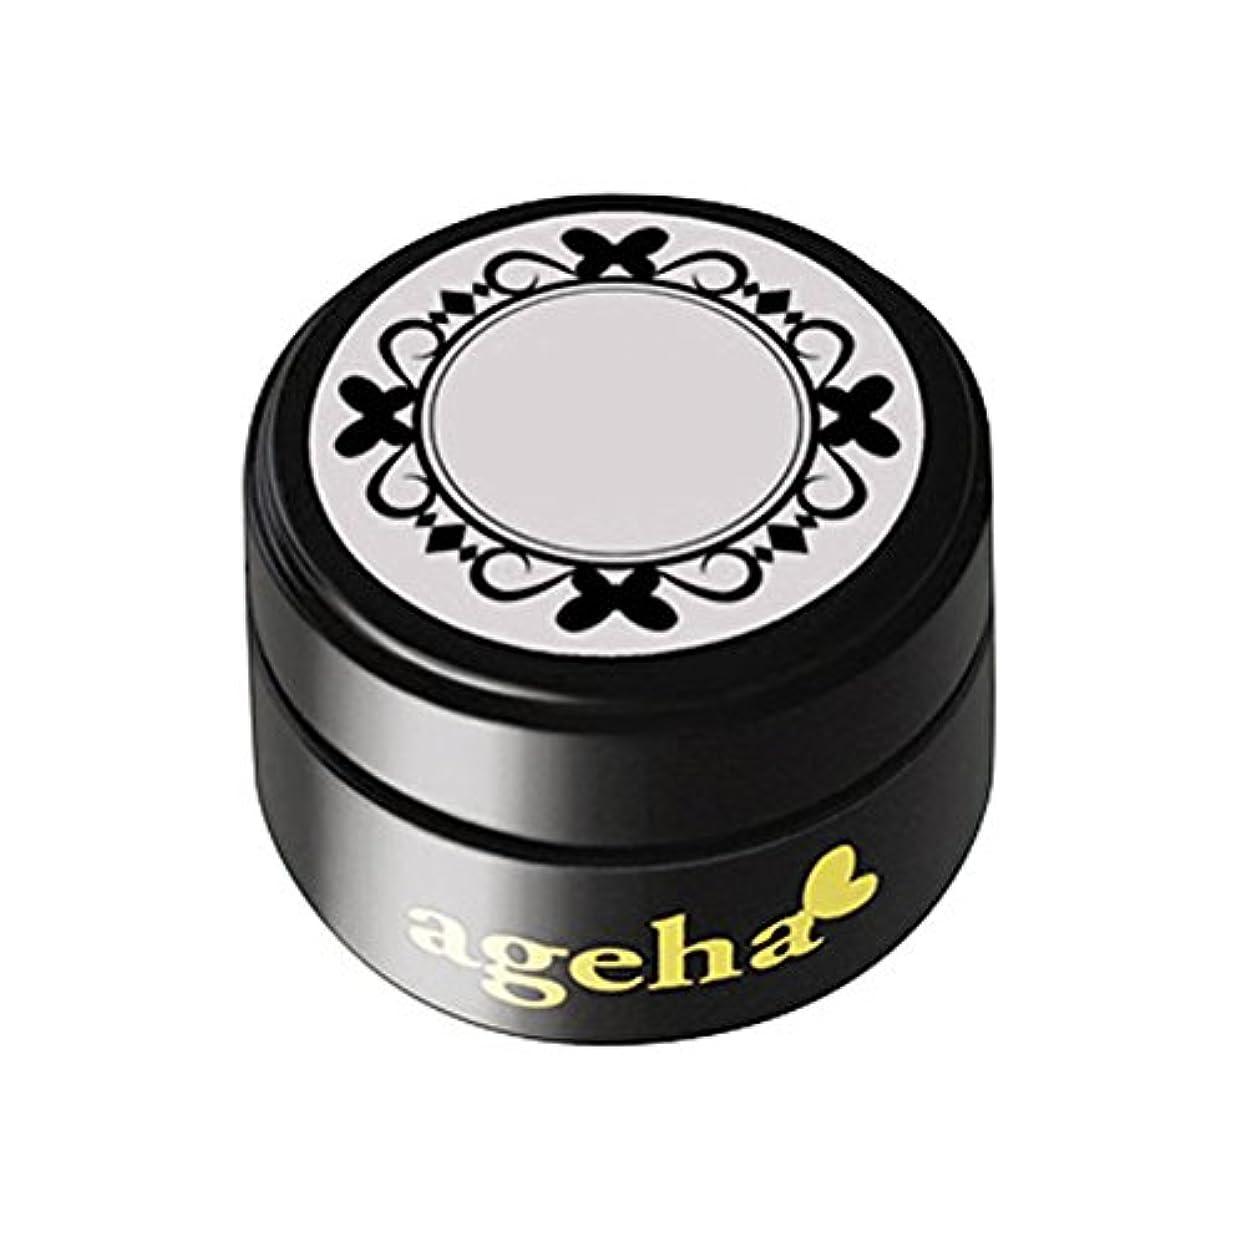 増幅するアラーム個性ageha gel カラージェル コスメカラー 318 ロシアングレー 2.7g UV/LED対応